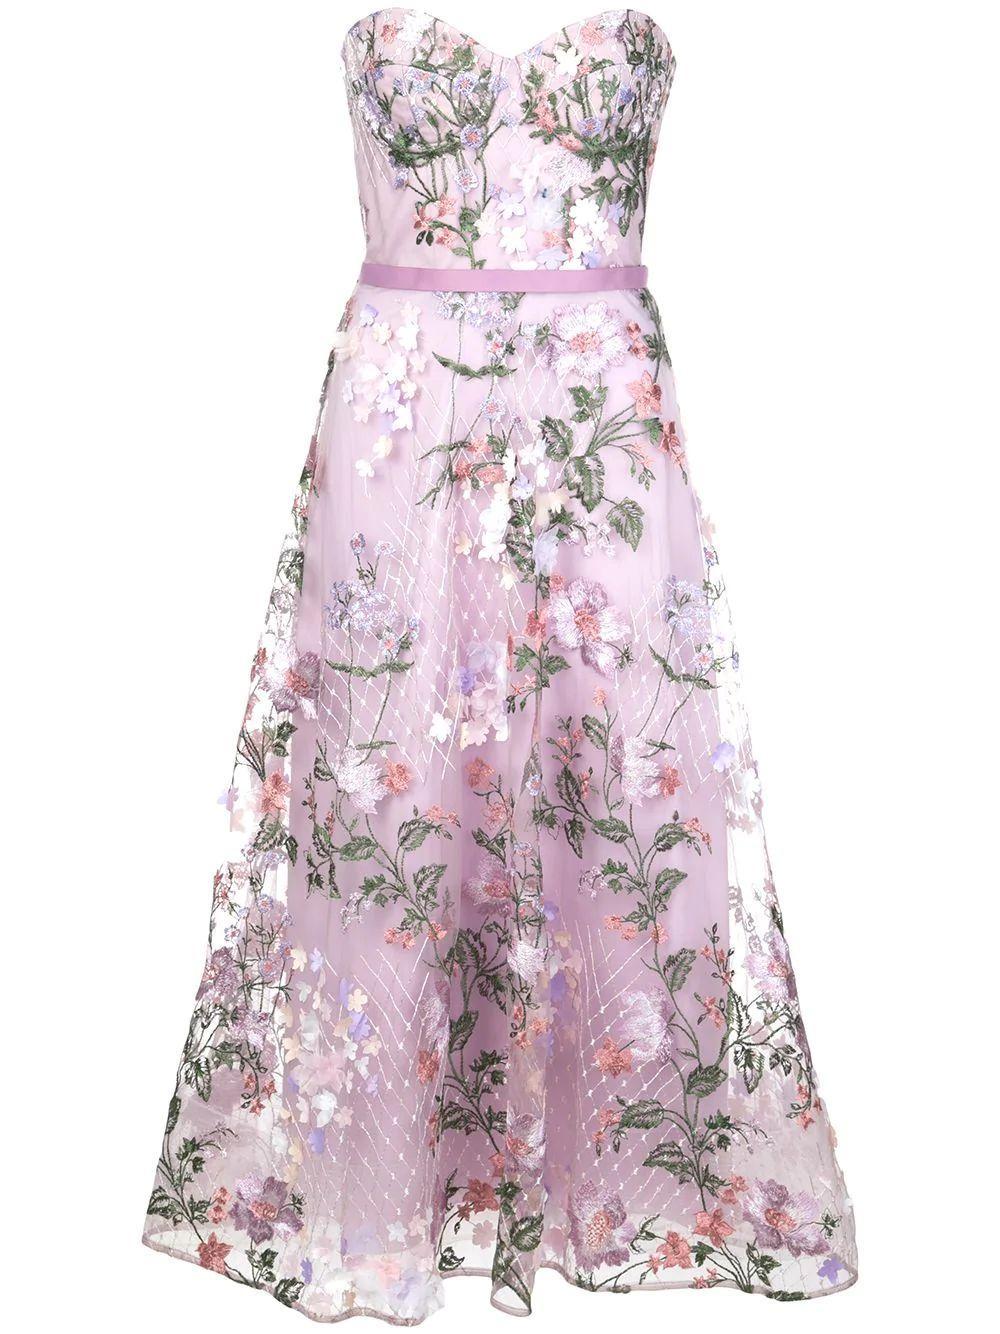 Off The Shoulder Tea Length Gown Item # N38M1922